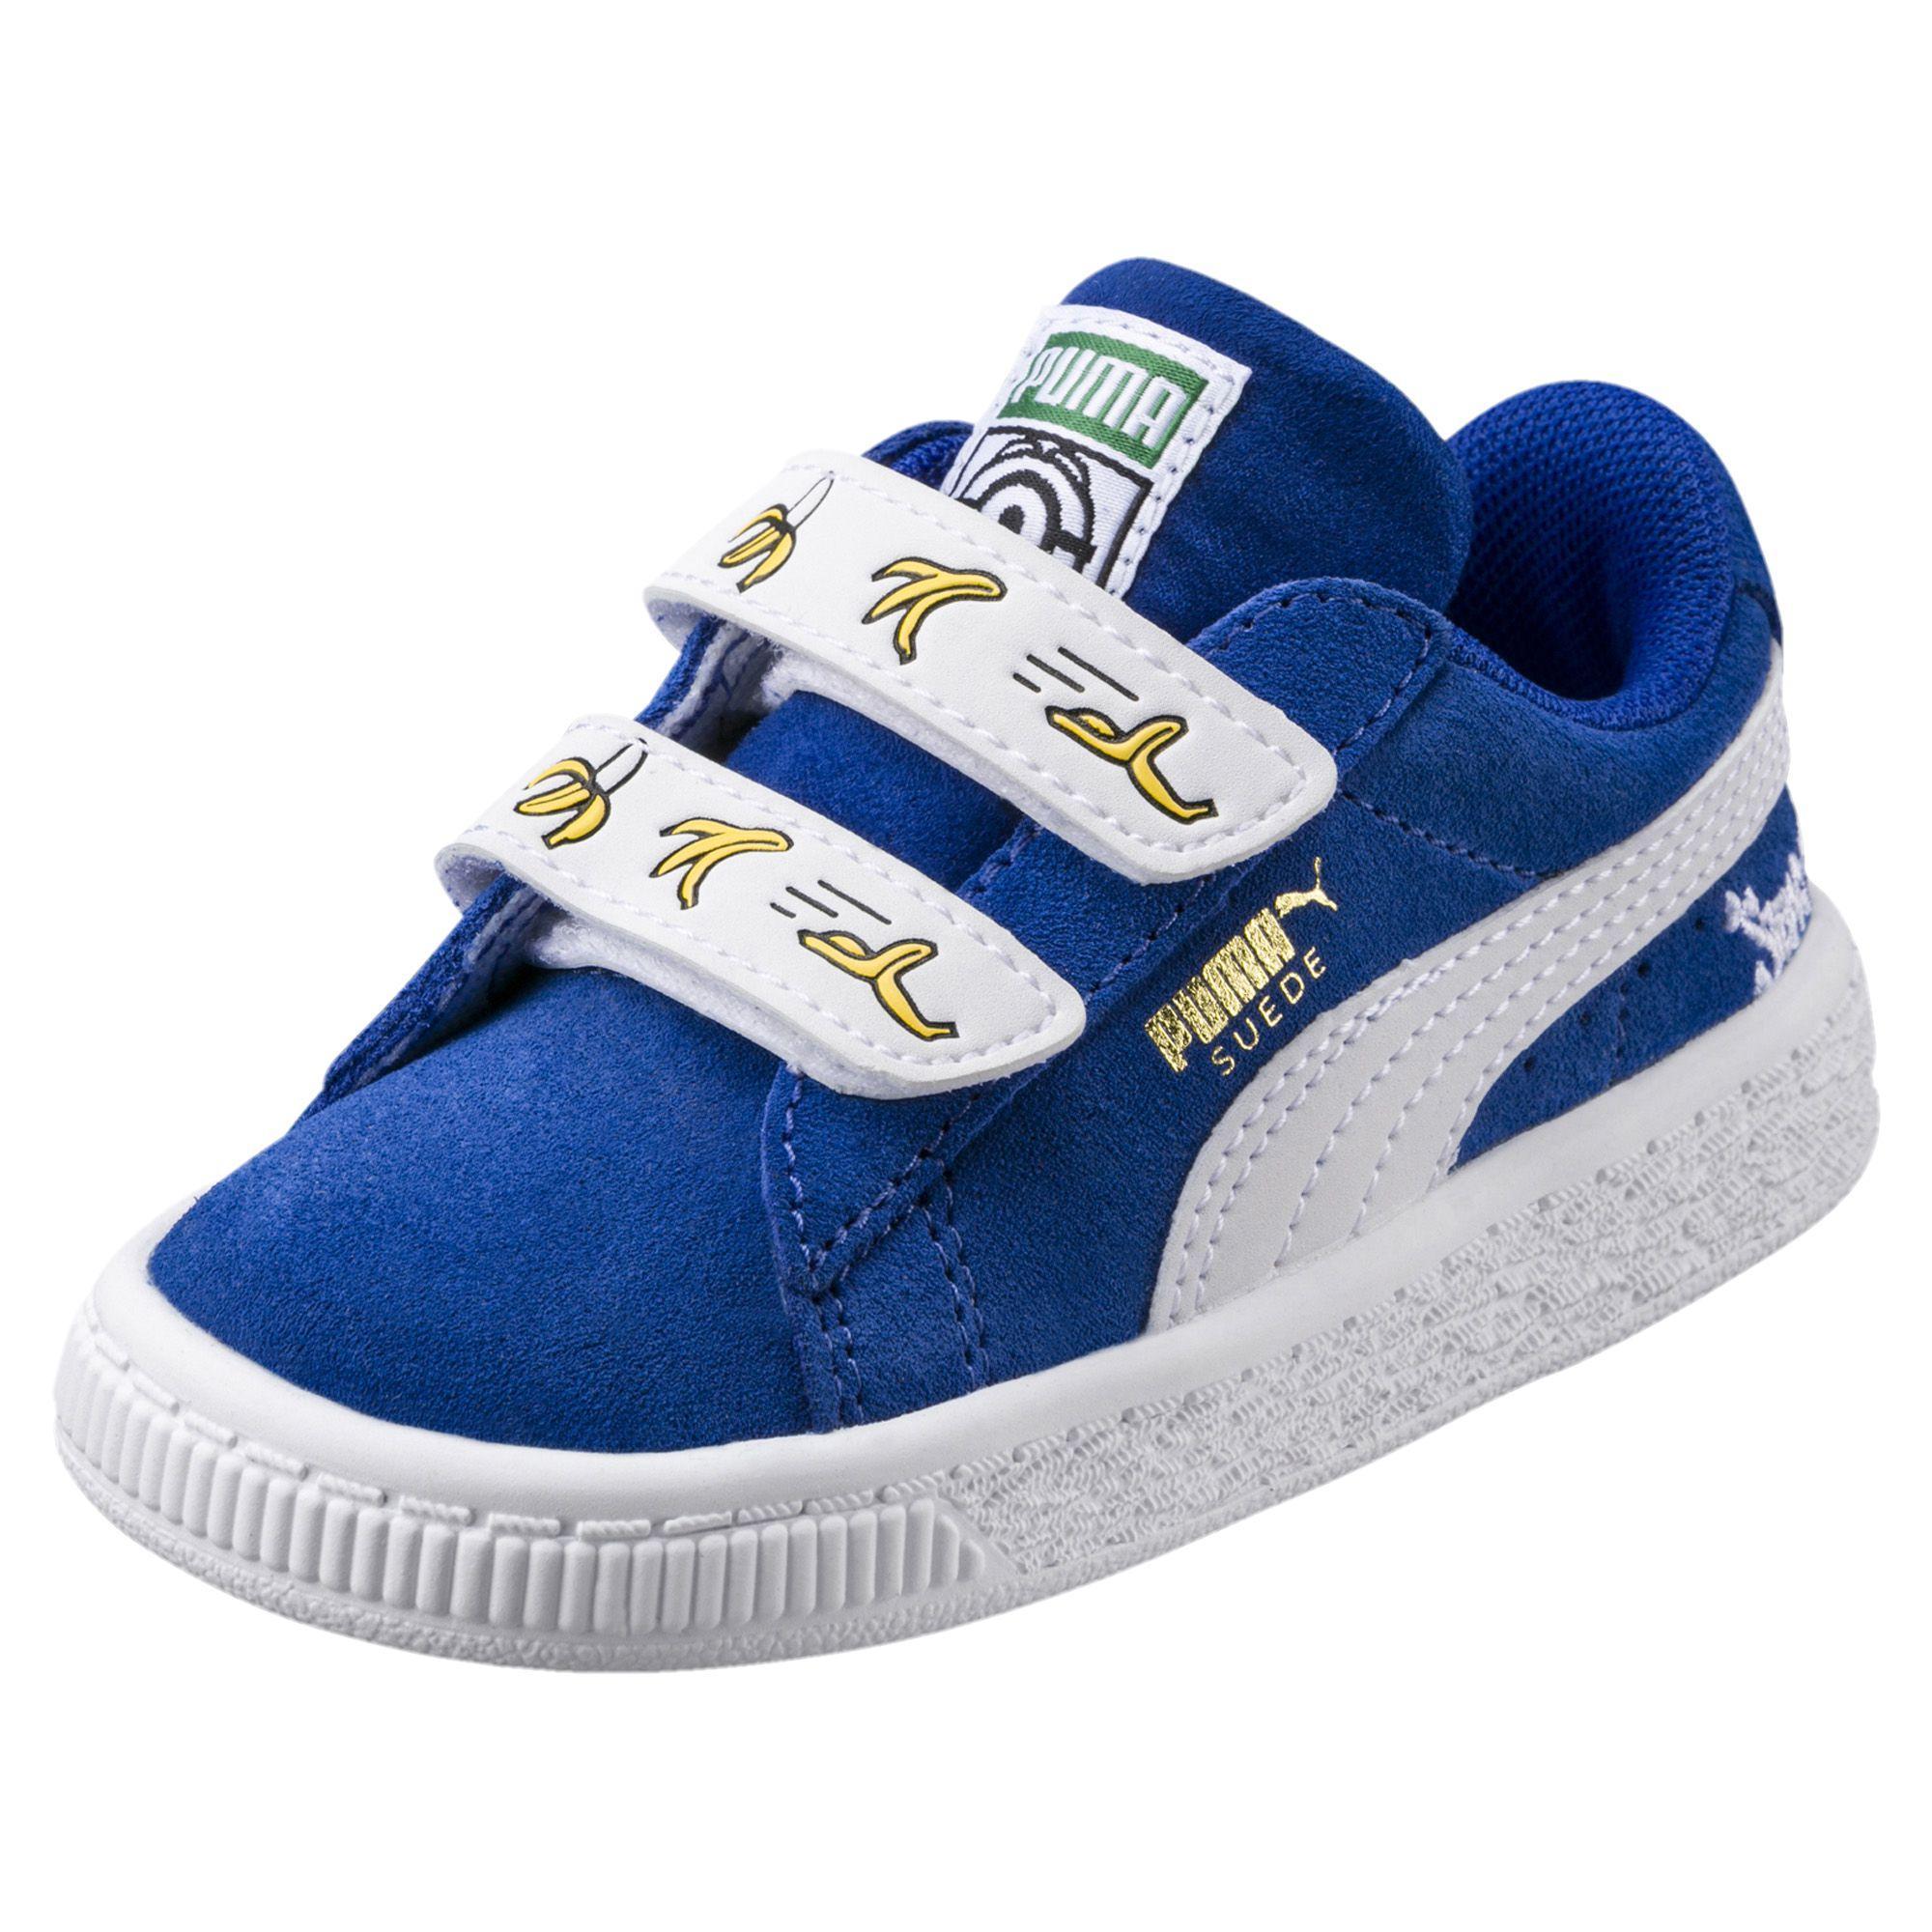 Puma Shoes Minions Suede V Ps Junior Olympian Blue-puma White - Tifoshop.com 0c5b3c94d